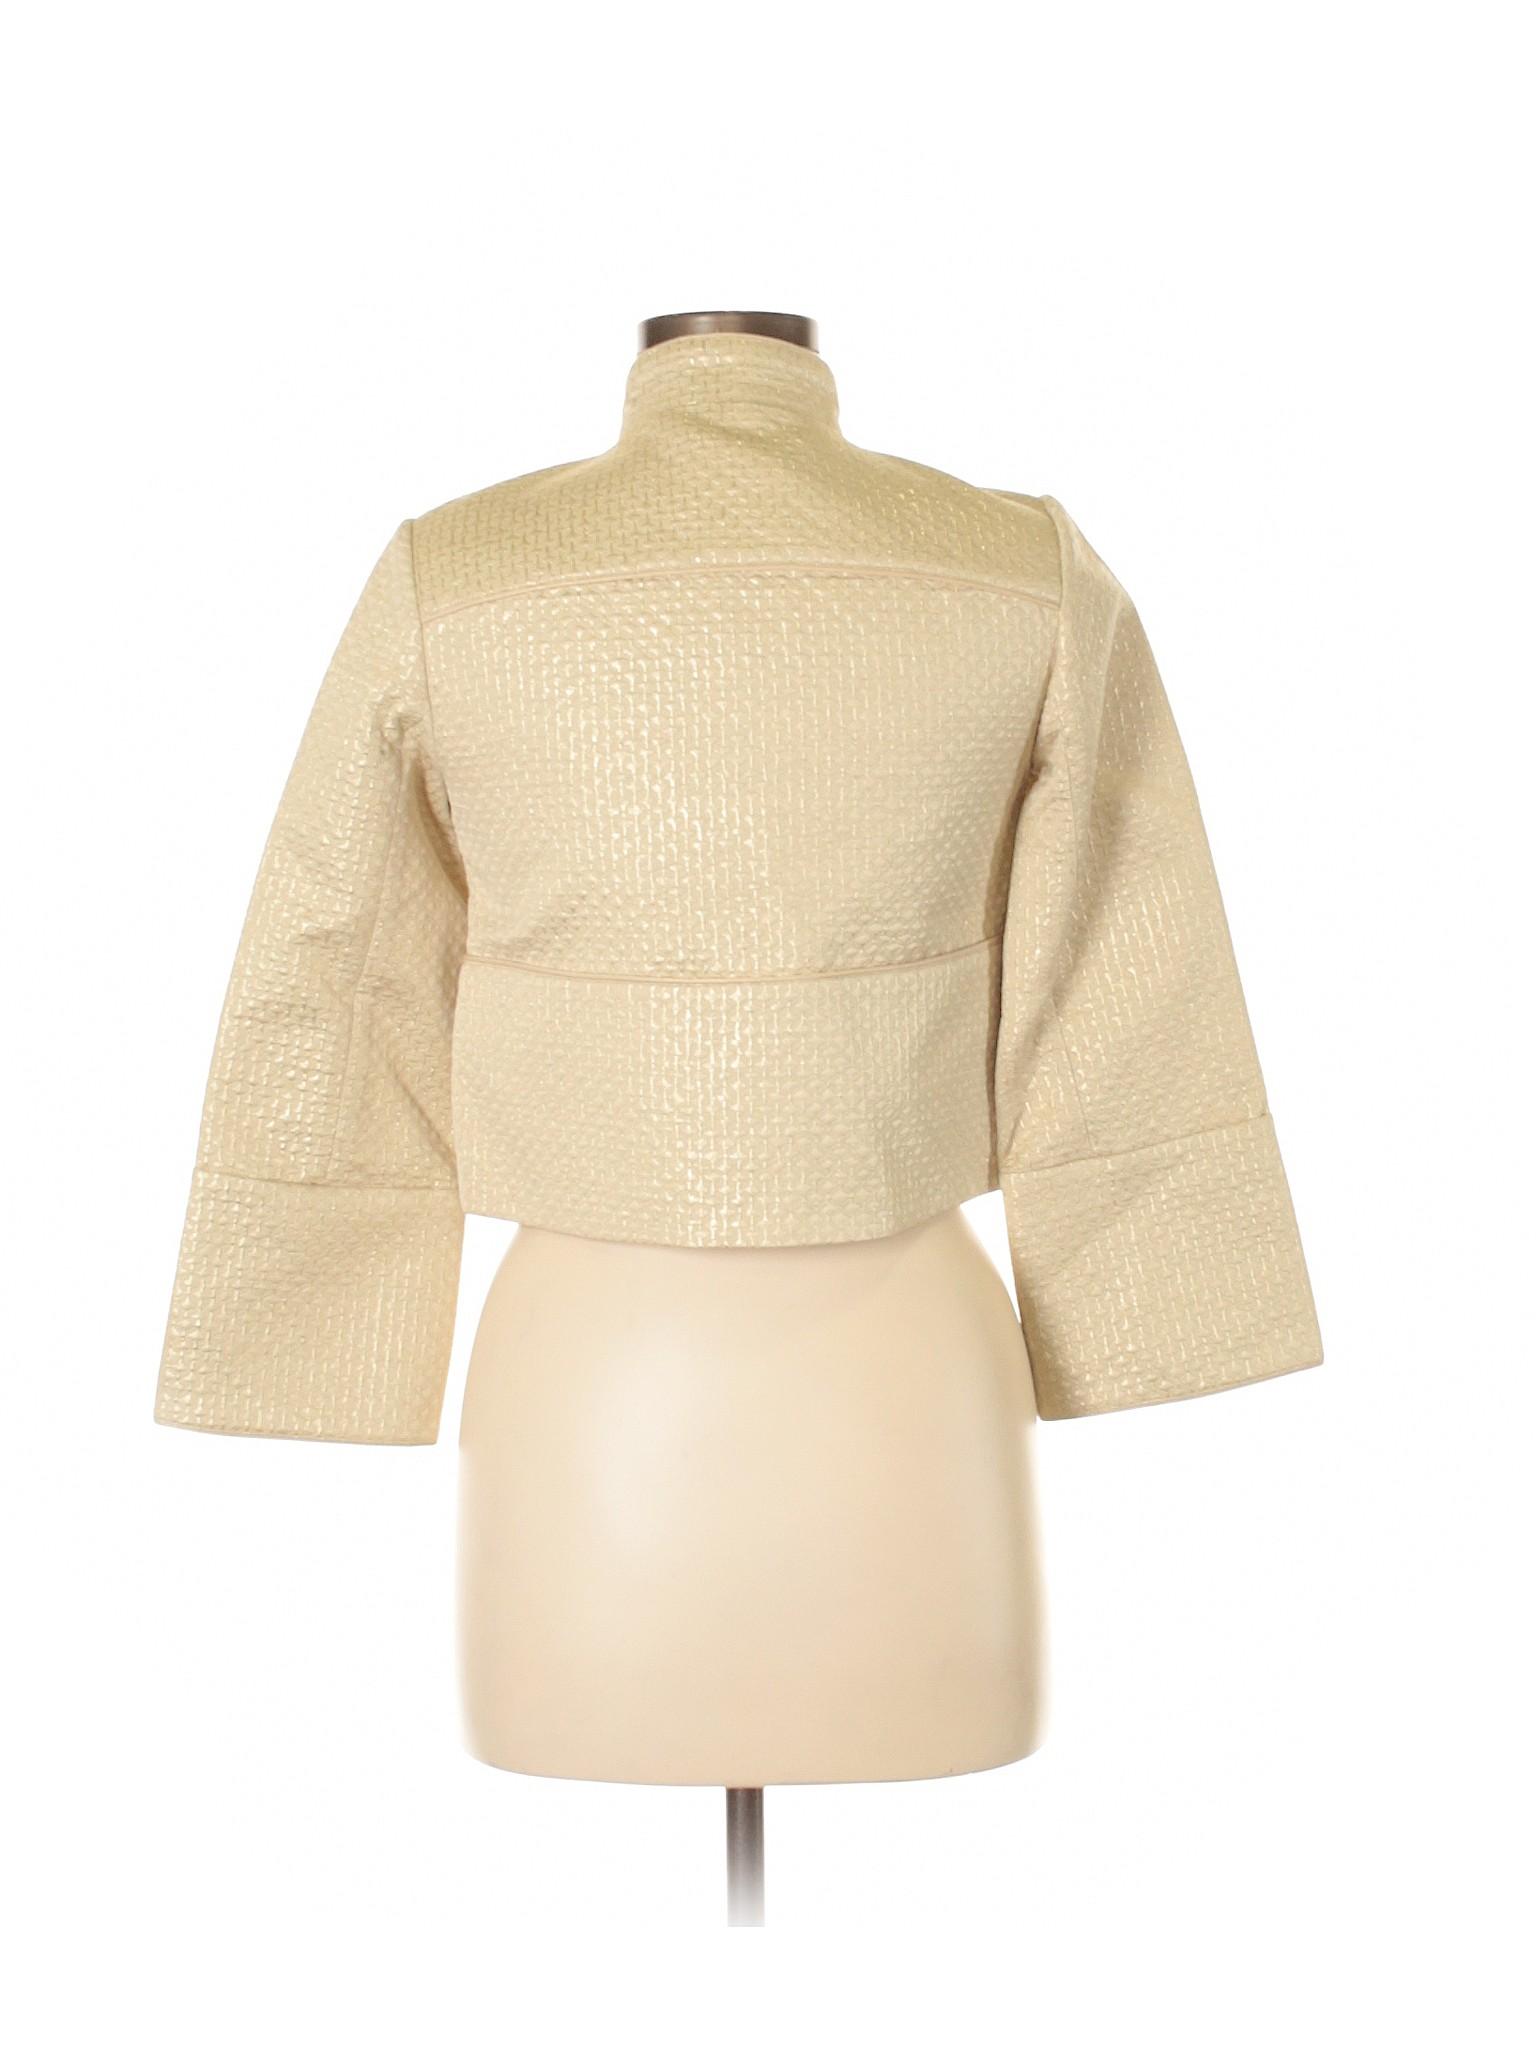 Diane von Furstenberg Leisure Jacket winter wUq1fBznxH